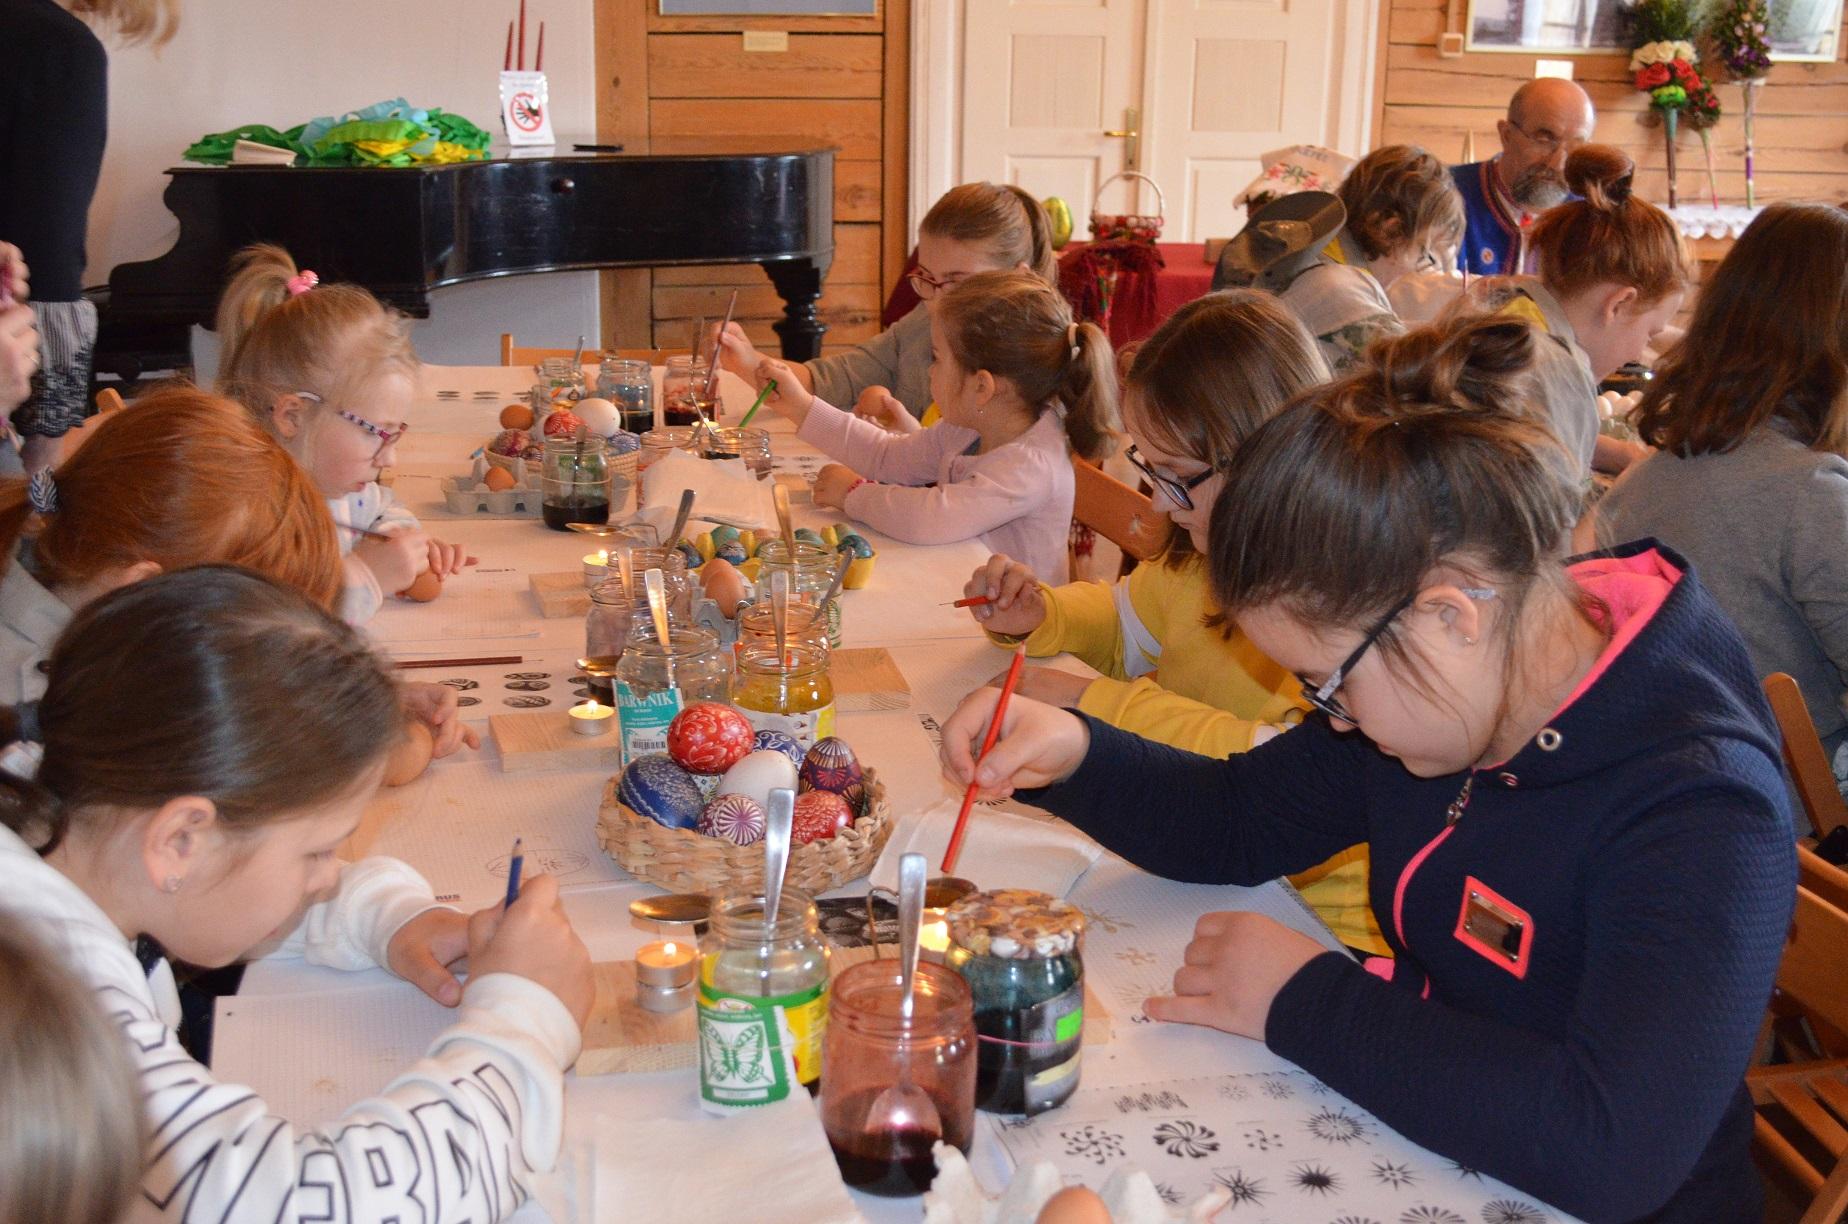 Dziewczynki siedzące przy długim stole rysują roztopionym woskiem na kartkach papieru za pomocą ołówków zakończonych szpilkami